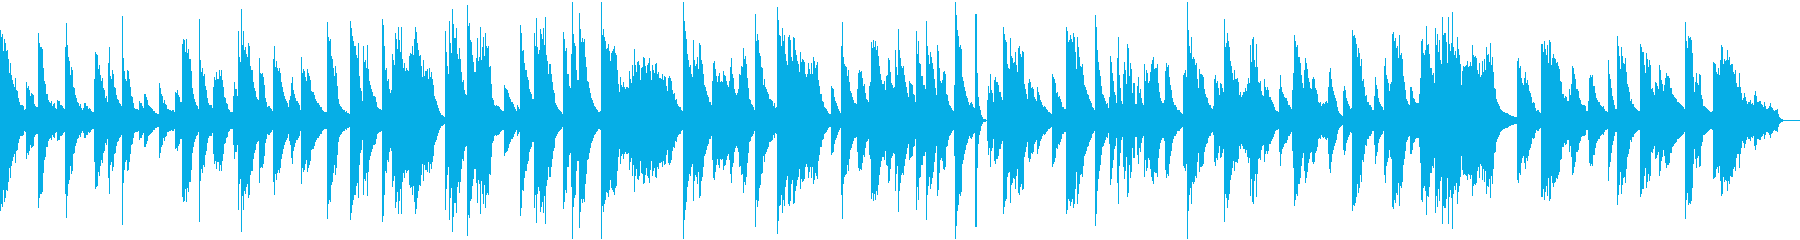 Moody Pianoの再生済みの波形